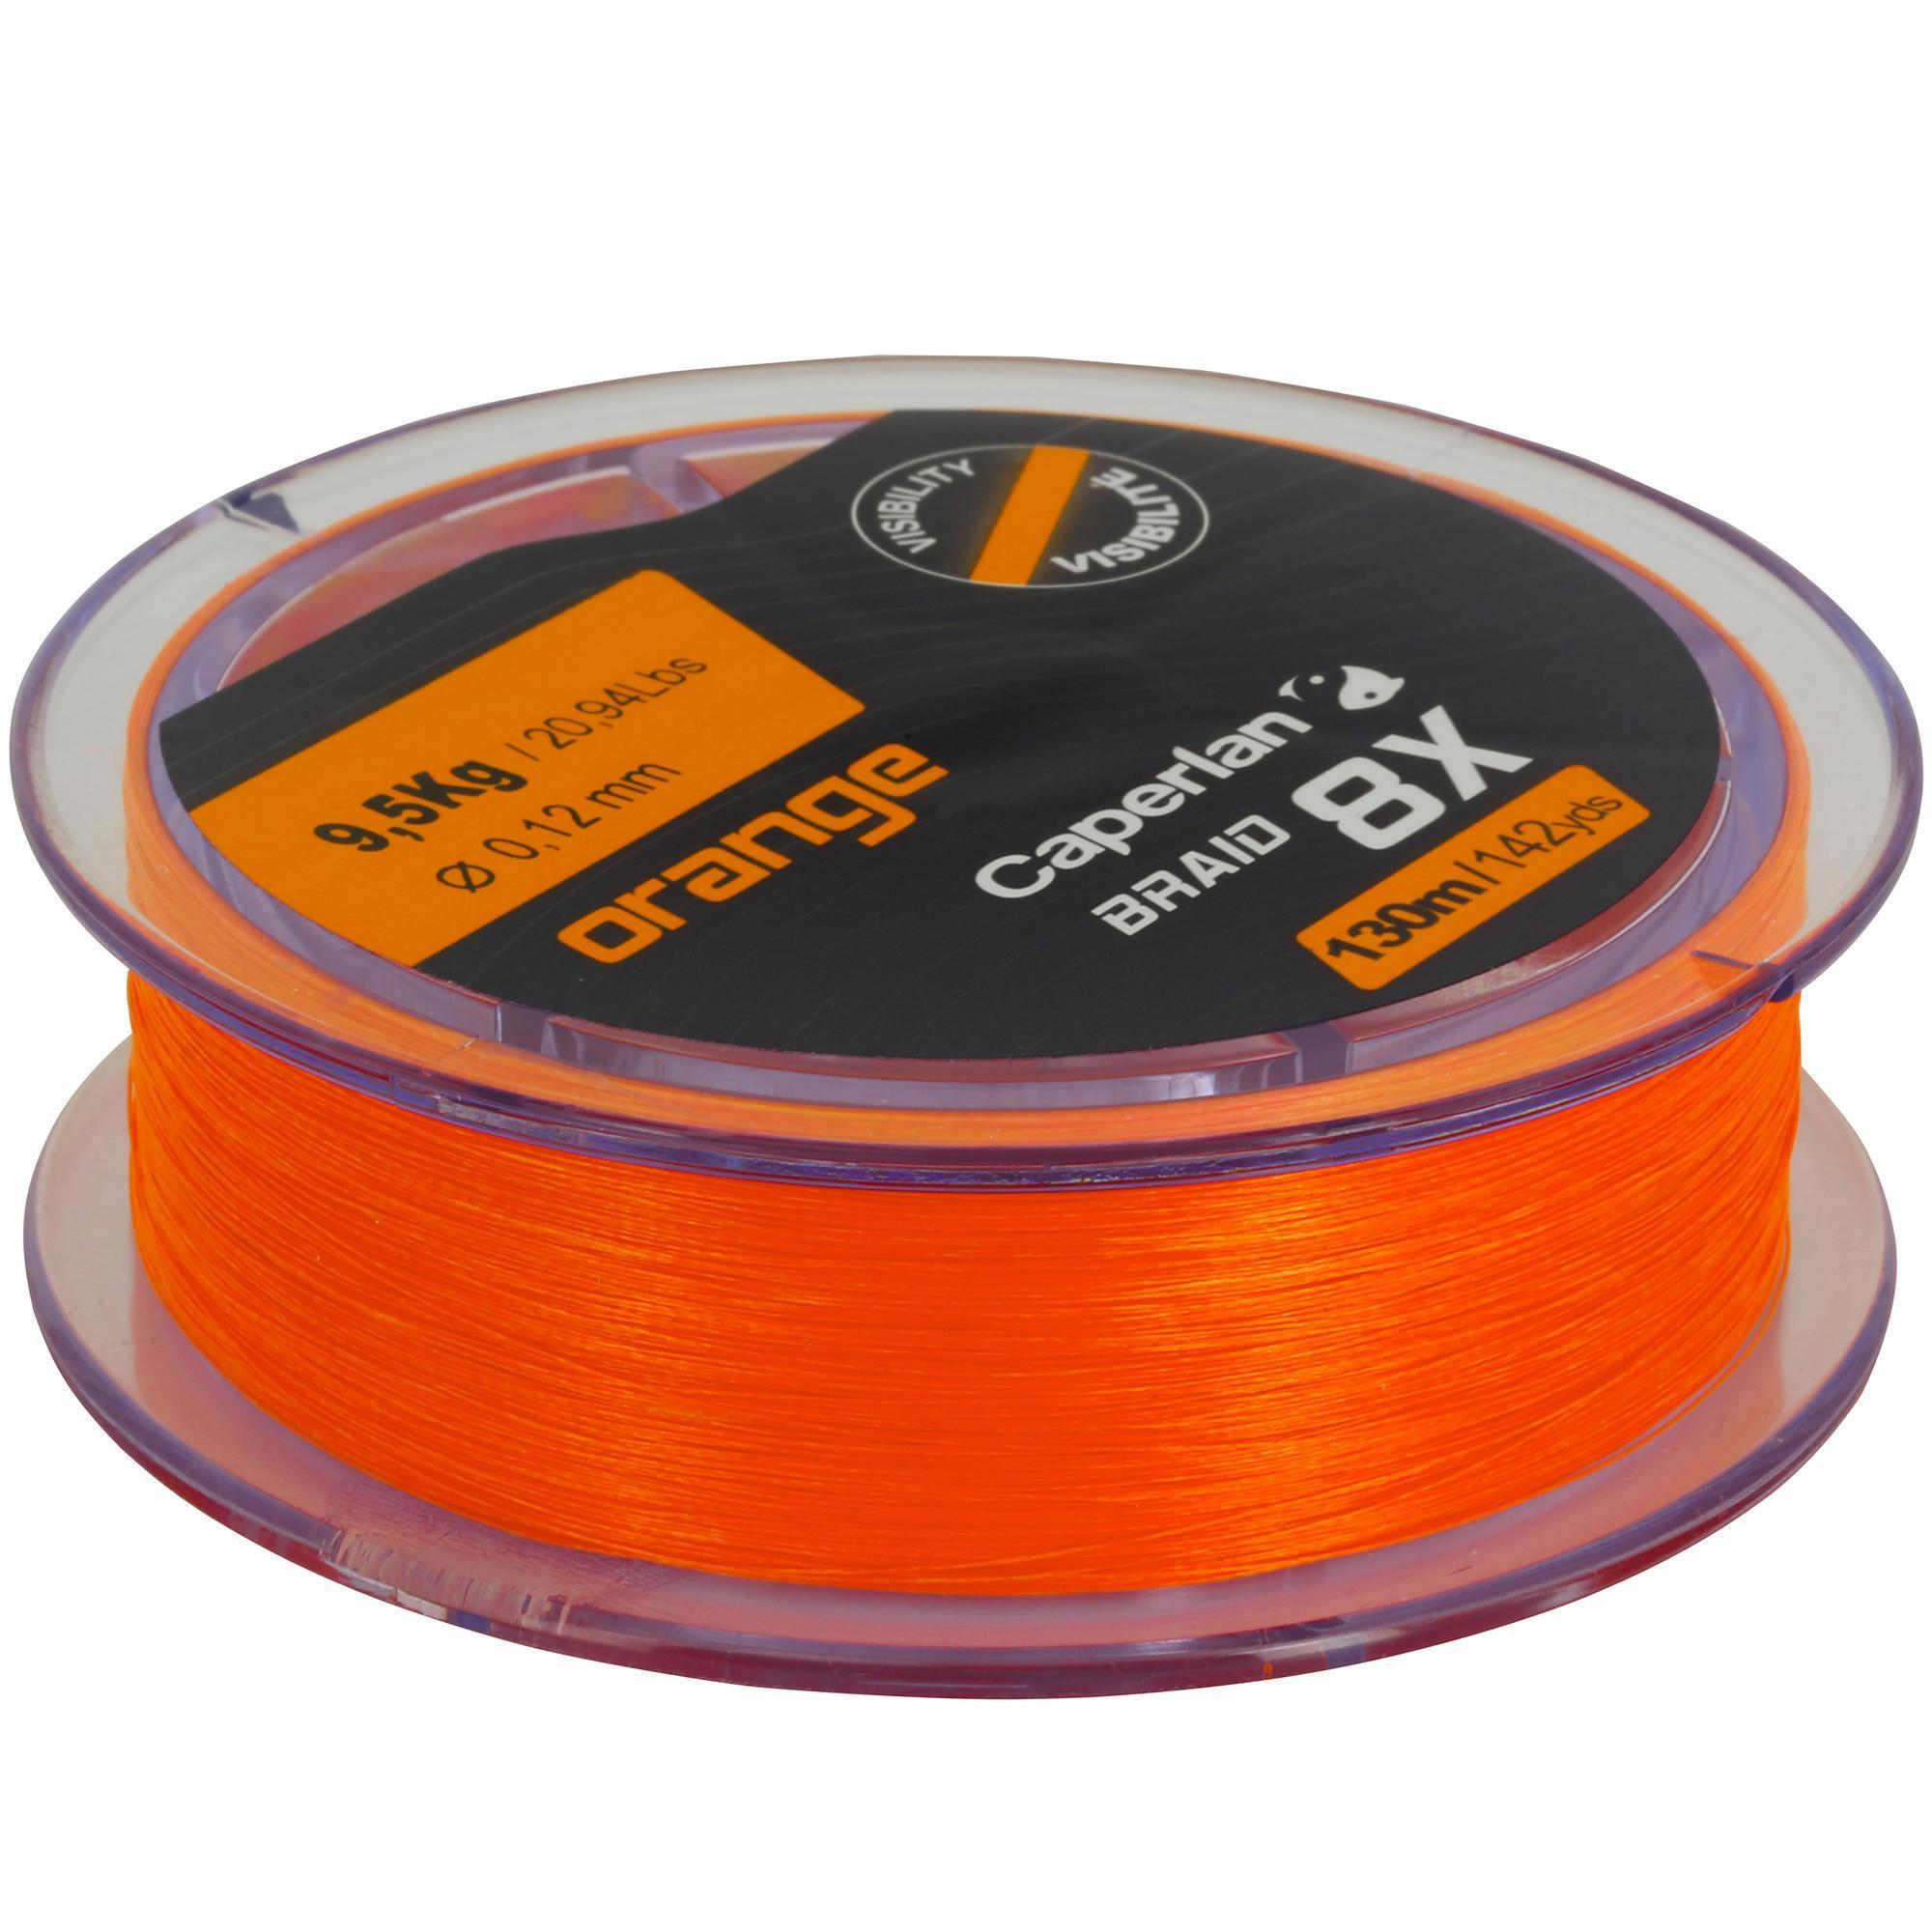 Caperlan Vislijn kunstaasvissen TX8 oranje 130 m